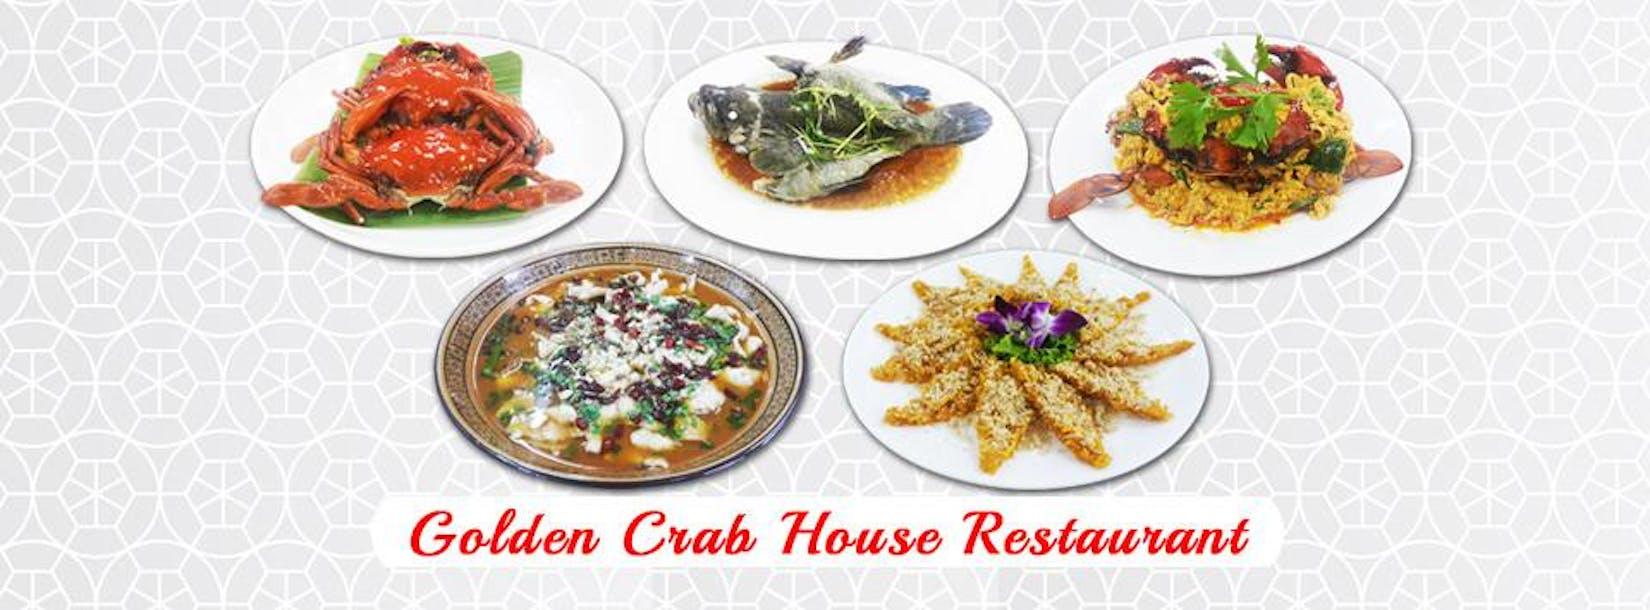 Golden Crab House | yathar